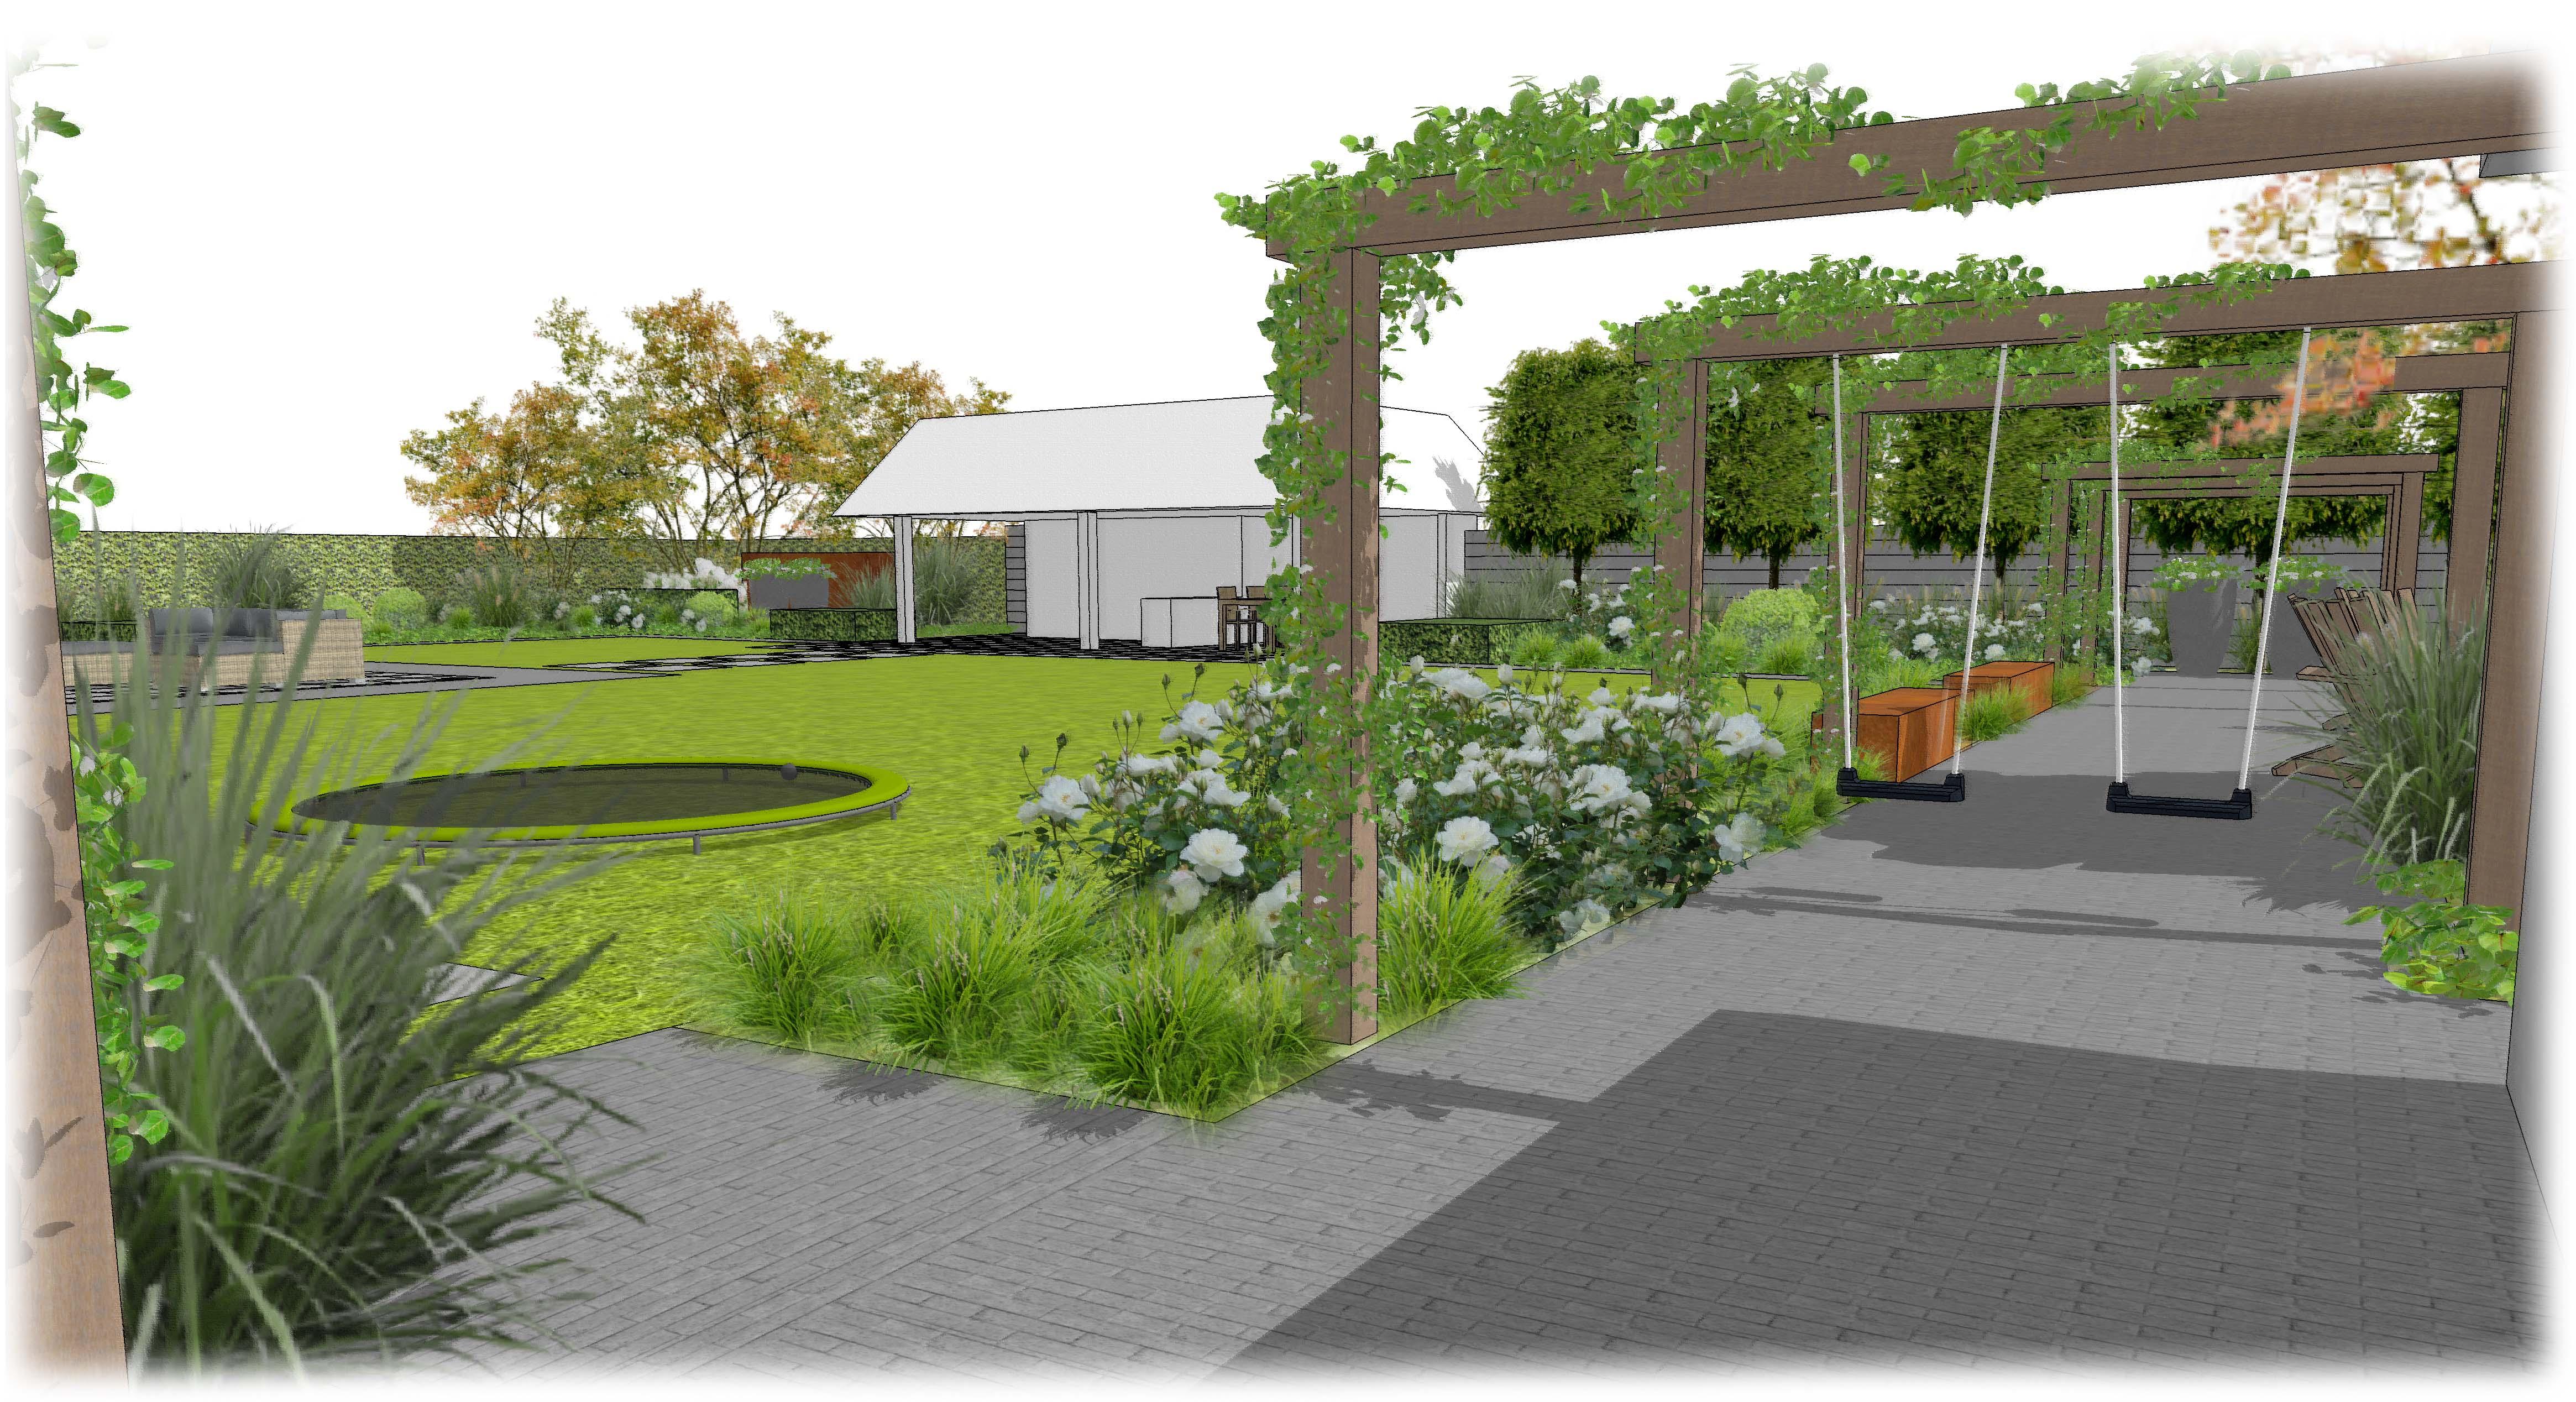 Tuin Ontwerpen Voorbeelden : Voorbeelden tuinontwerp tuinaanleg tuinonderhoud blok